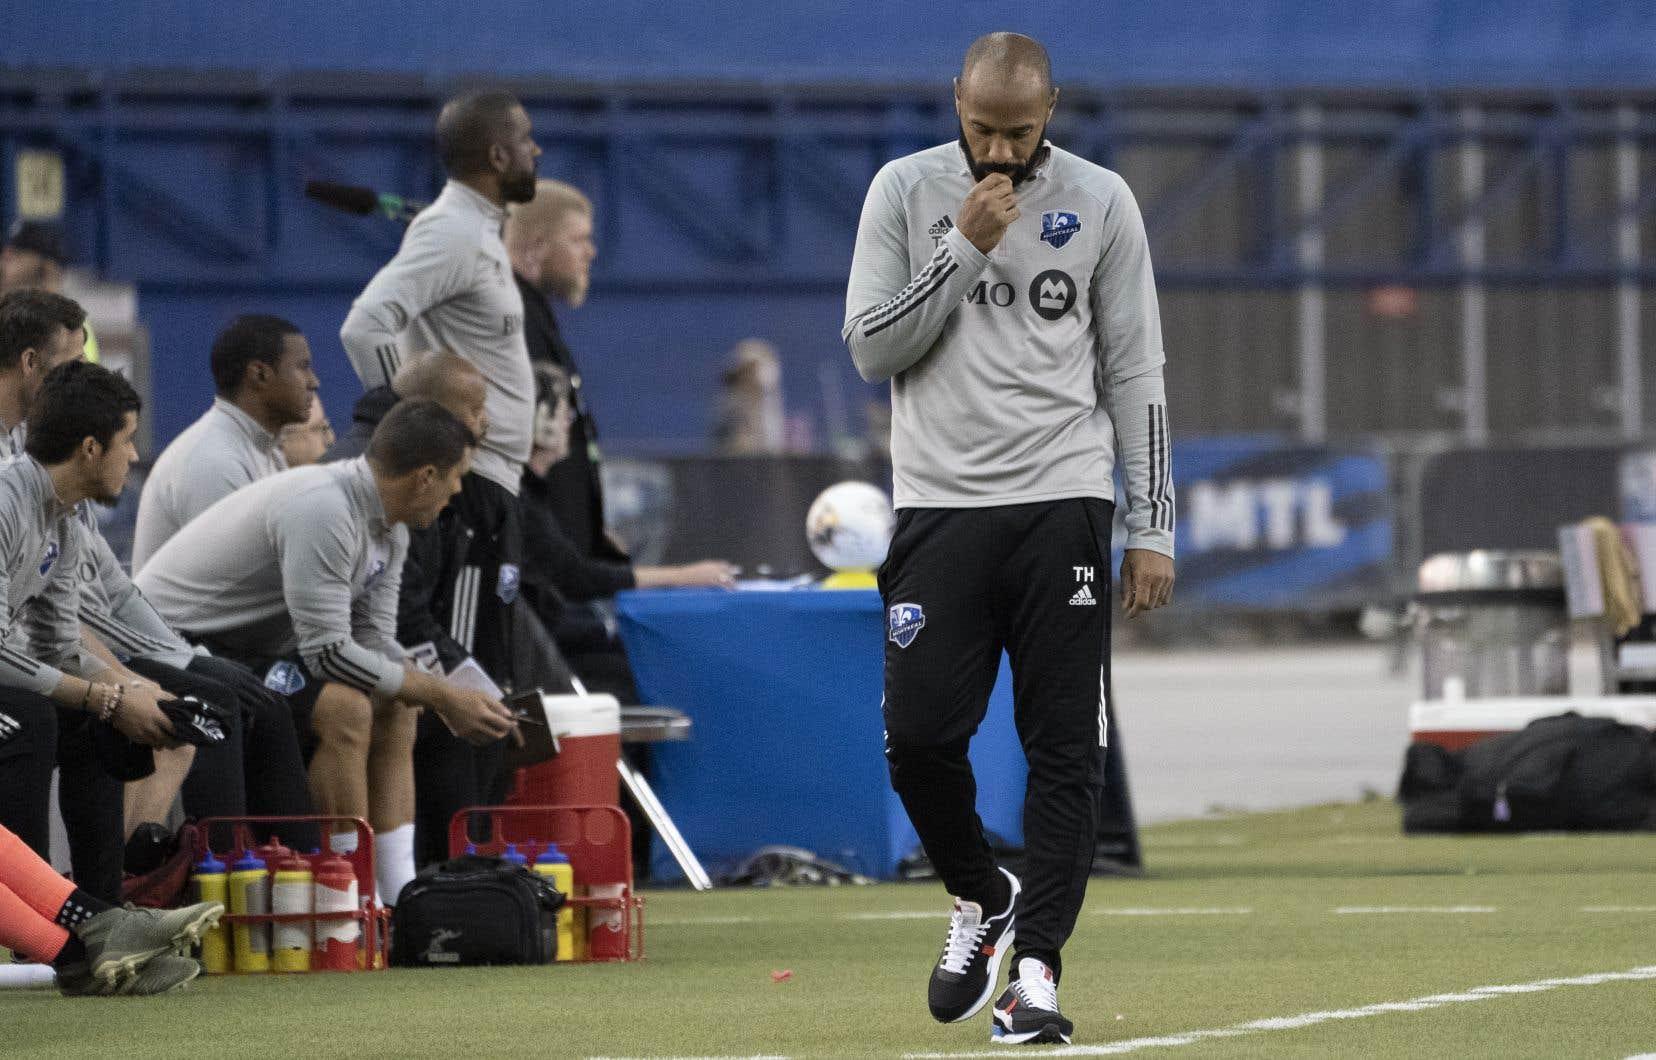 L'entraîneur Thierry Henry n'a pas pu convenablement préparer son club en vue de l'affrontement de mercredi, contre le Revolution de la Nouvelle-Angleterre, faute de joueurs à l'entraînement.